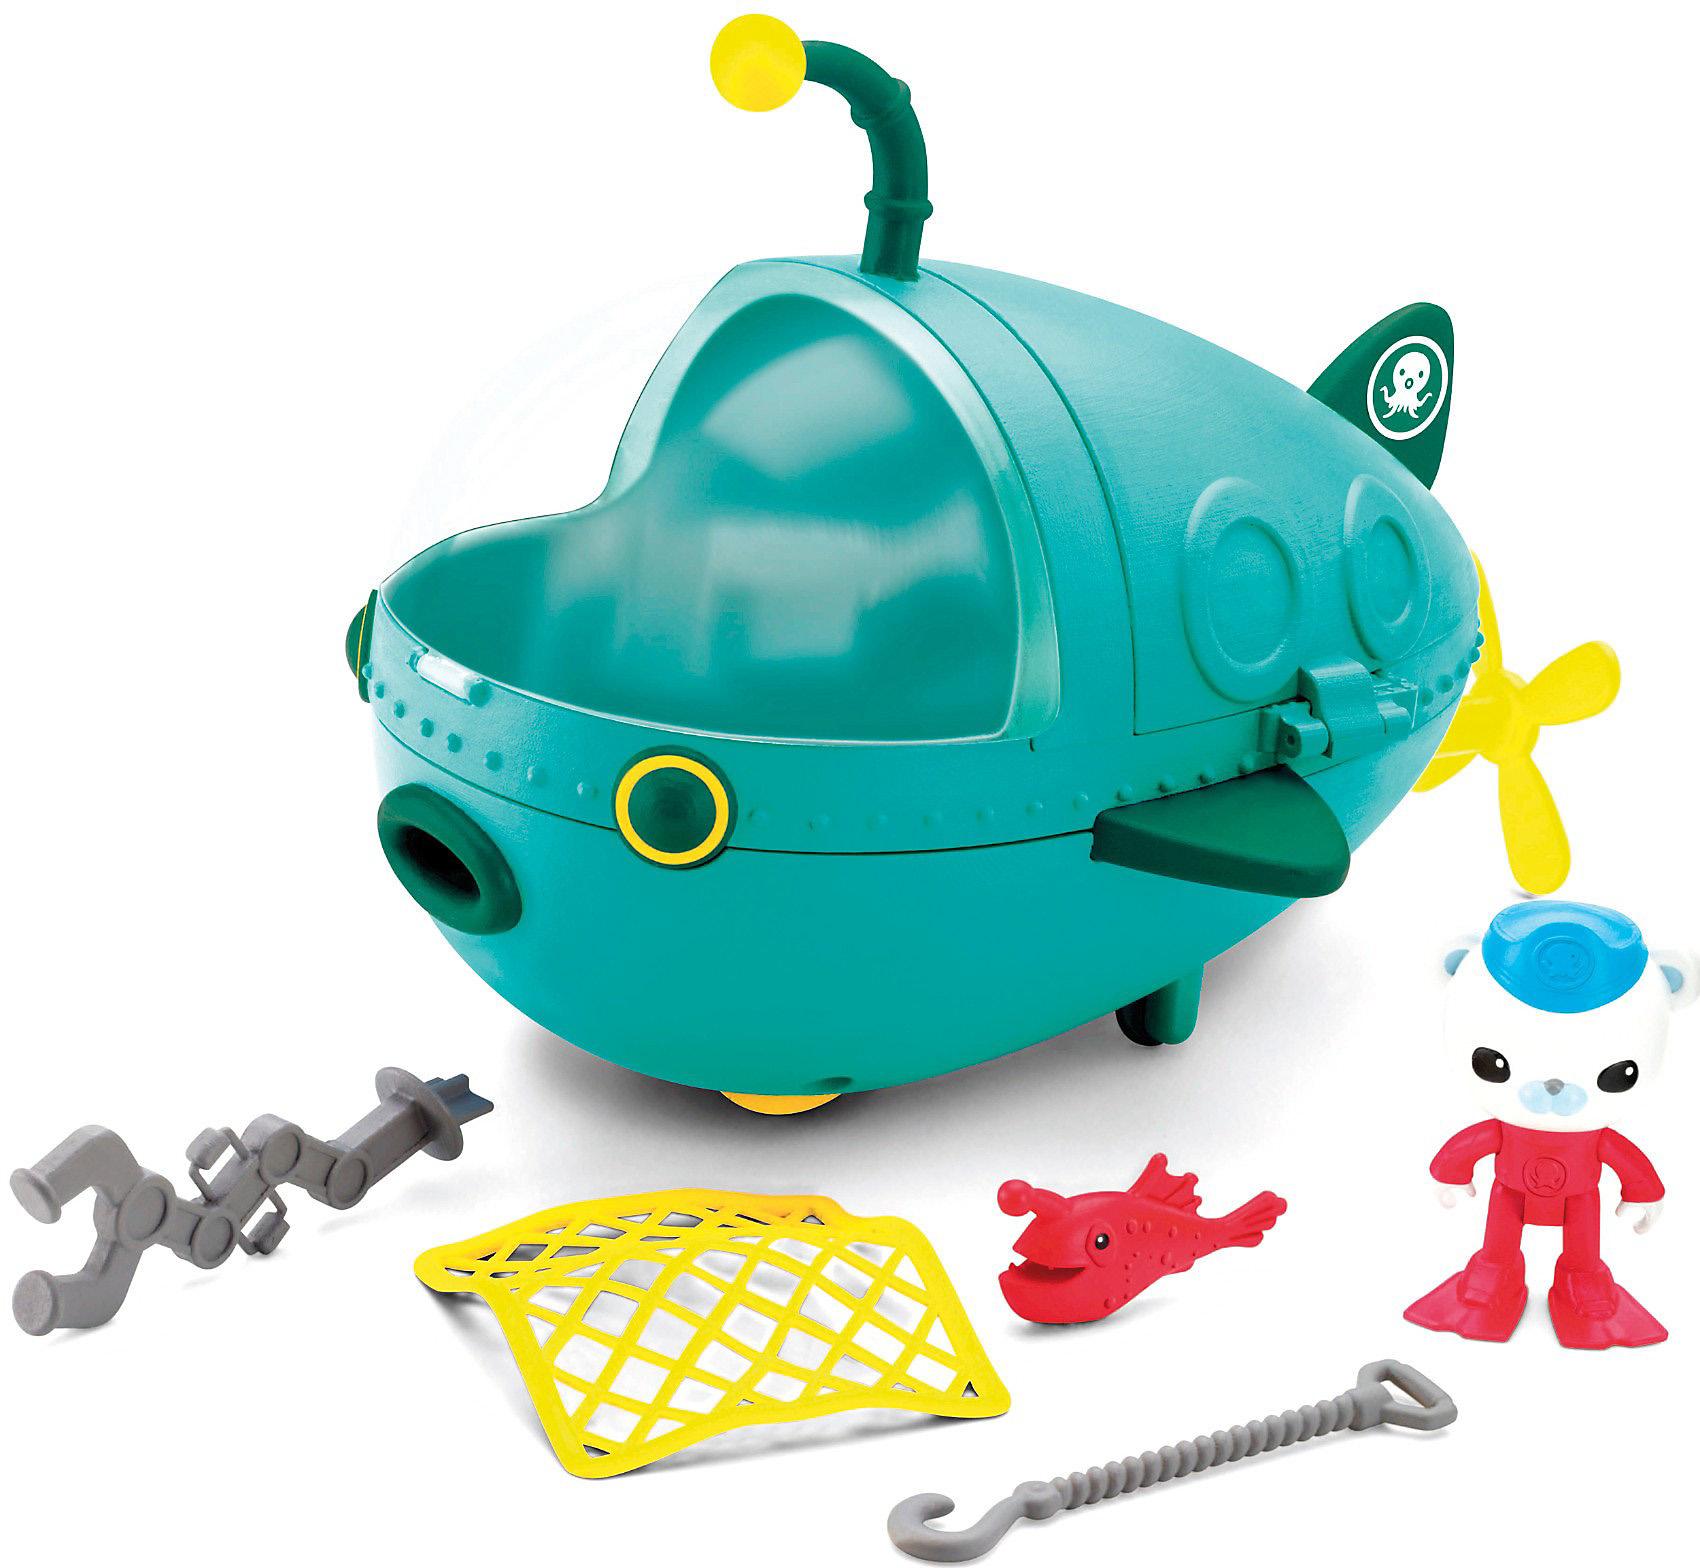 Игровые наборы и фигурки для детей Mattel Октонавты Подводная лодка подводная лодка подводная лодка угол 5 комплектов общей горячая и холодная вода 4 минуты taocifaxin символов треугольник клапан порт клапан